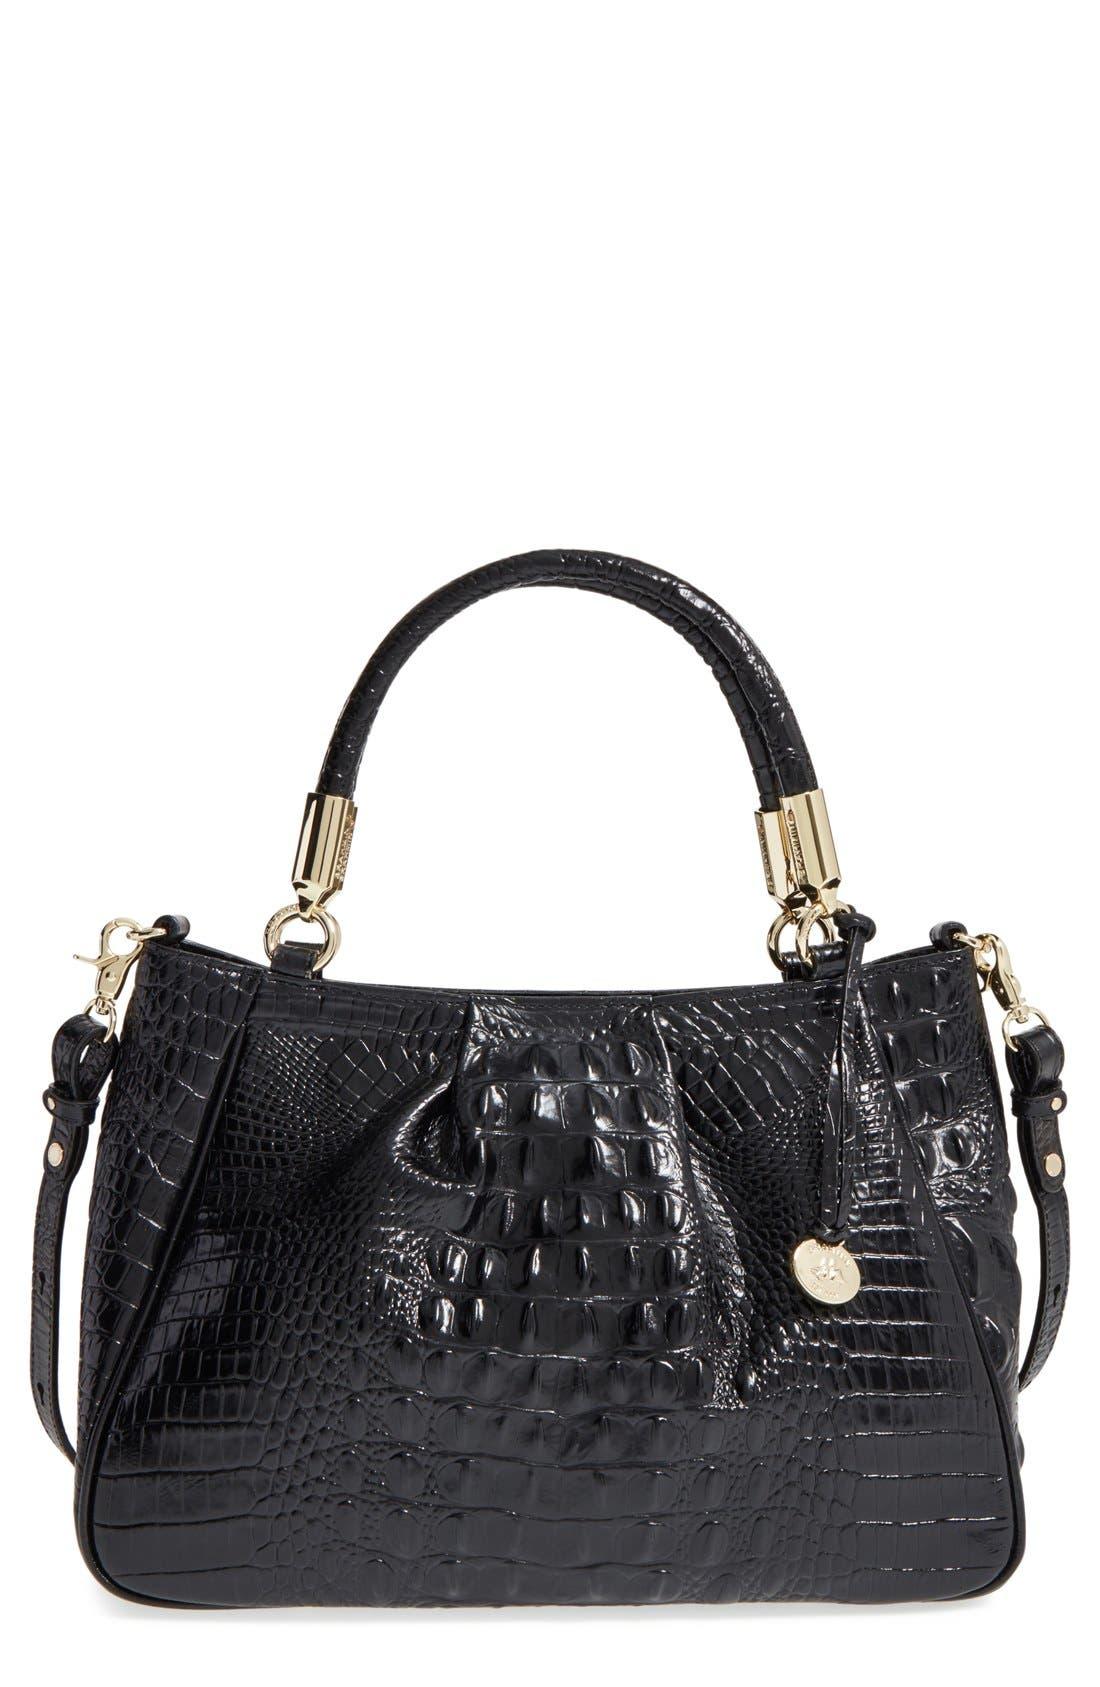 BRAHMIN 'Ruby' Croc Embossed Leather Satchel